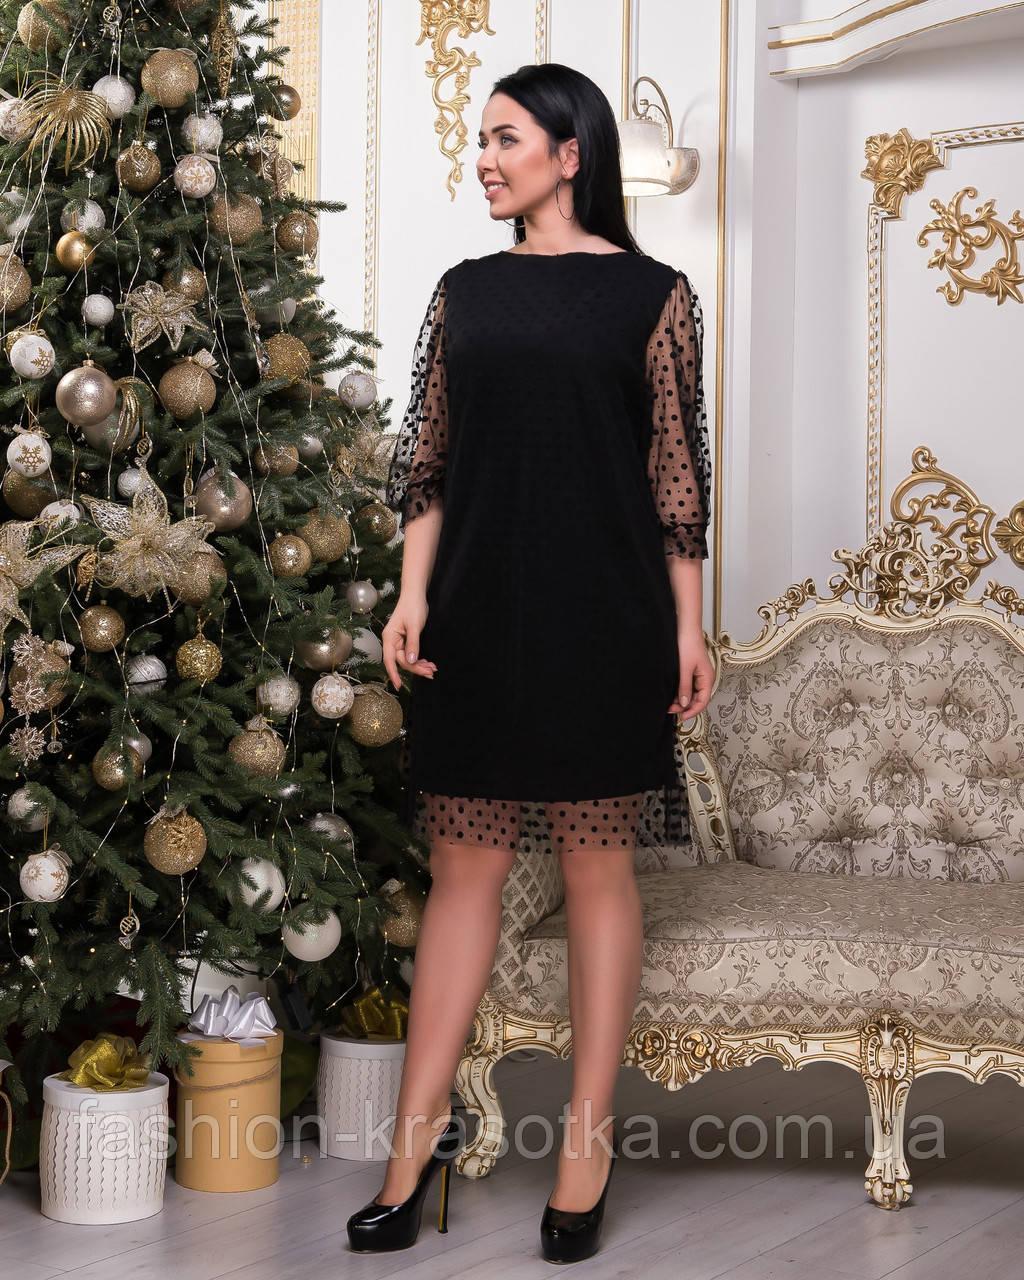 Вечернее женское платье,ткань:трикотаж -масло, сетка в горошек.